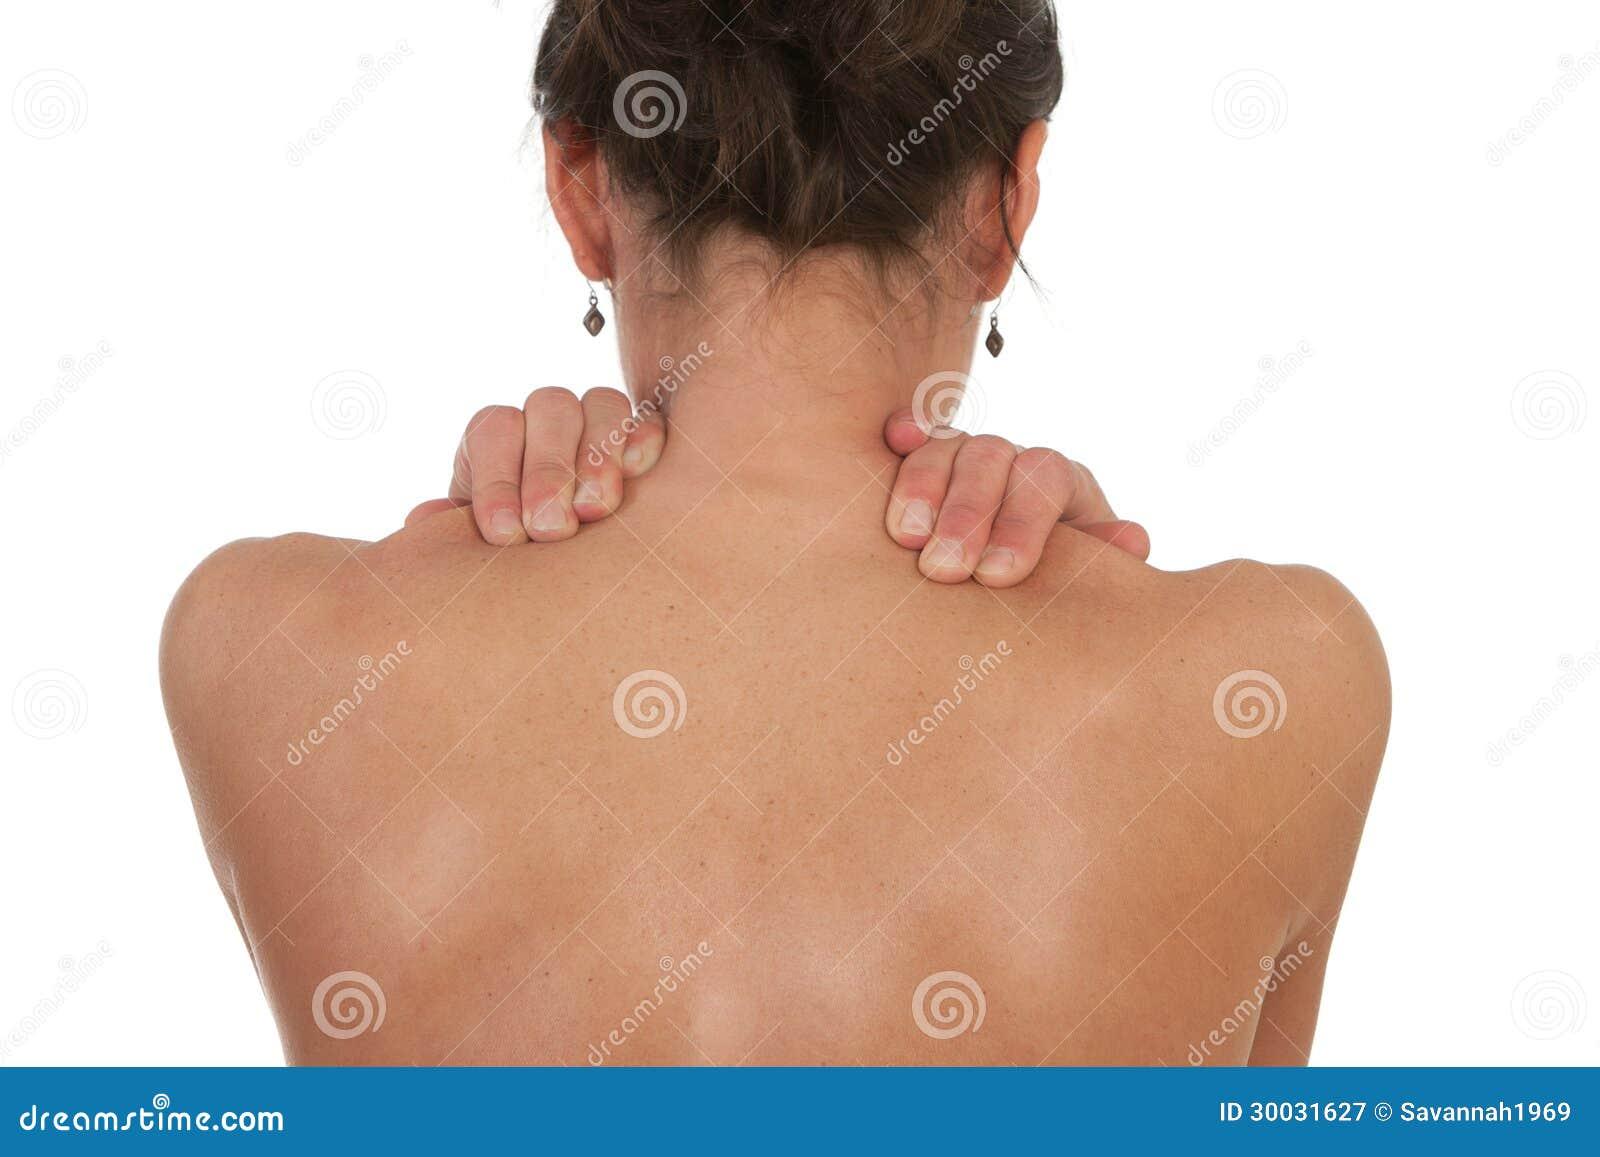 Cuello Y Dolor Muscular Del Hombro Imagen de archivo - Imagen de ...